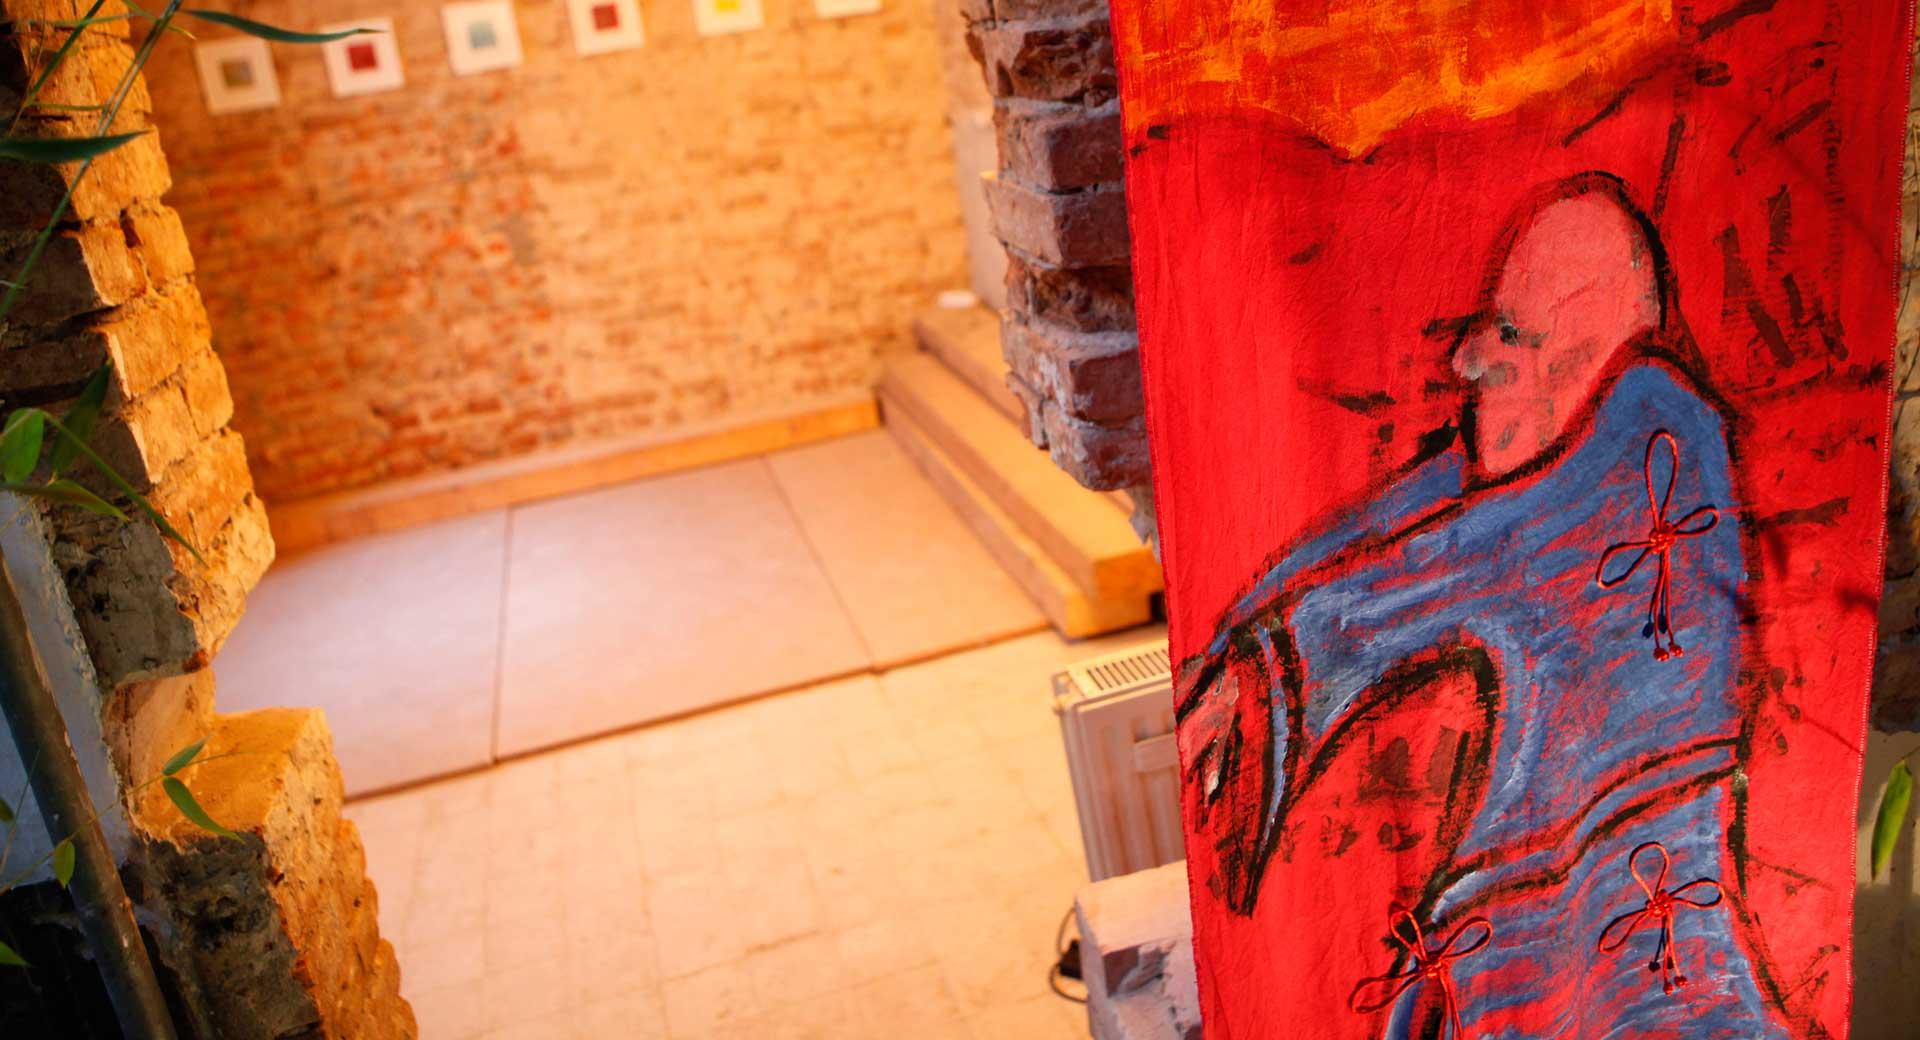 Malerei auf Stoffbahnen Ausstellung 2009 Qi Gong 1